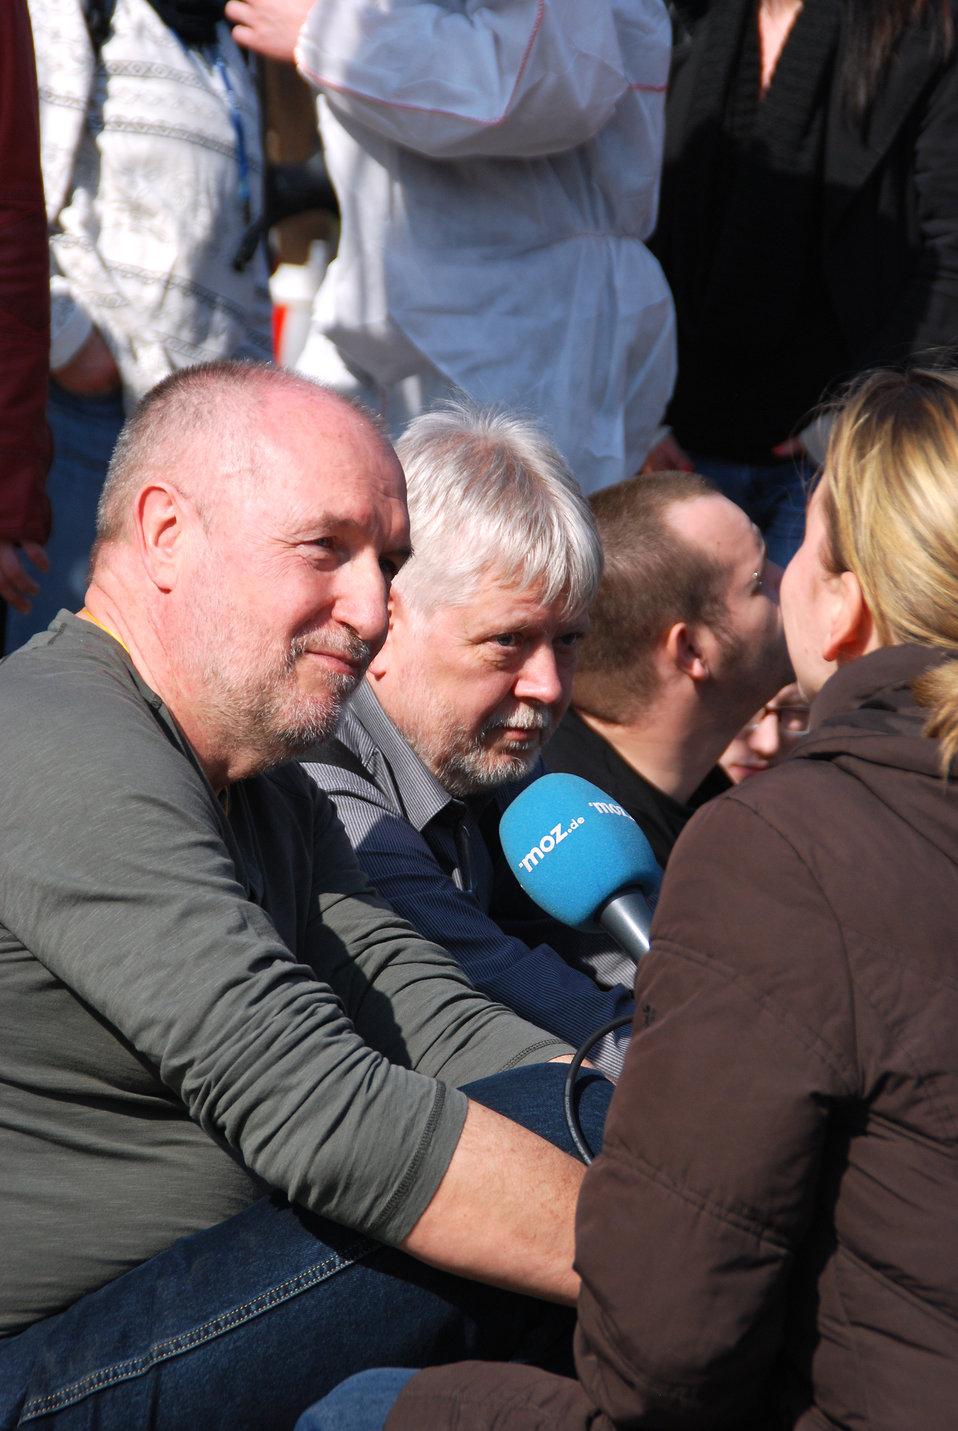 Proteste gegen den Nazi-Aufmarsch am 24.3.2012 in Frankfurt (Oder), mit Helmuth Markov, Finanzminister des Landes Brandenburg und Axel Henschke, Mitglied des Landtages Brandenburg